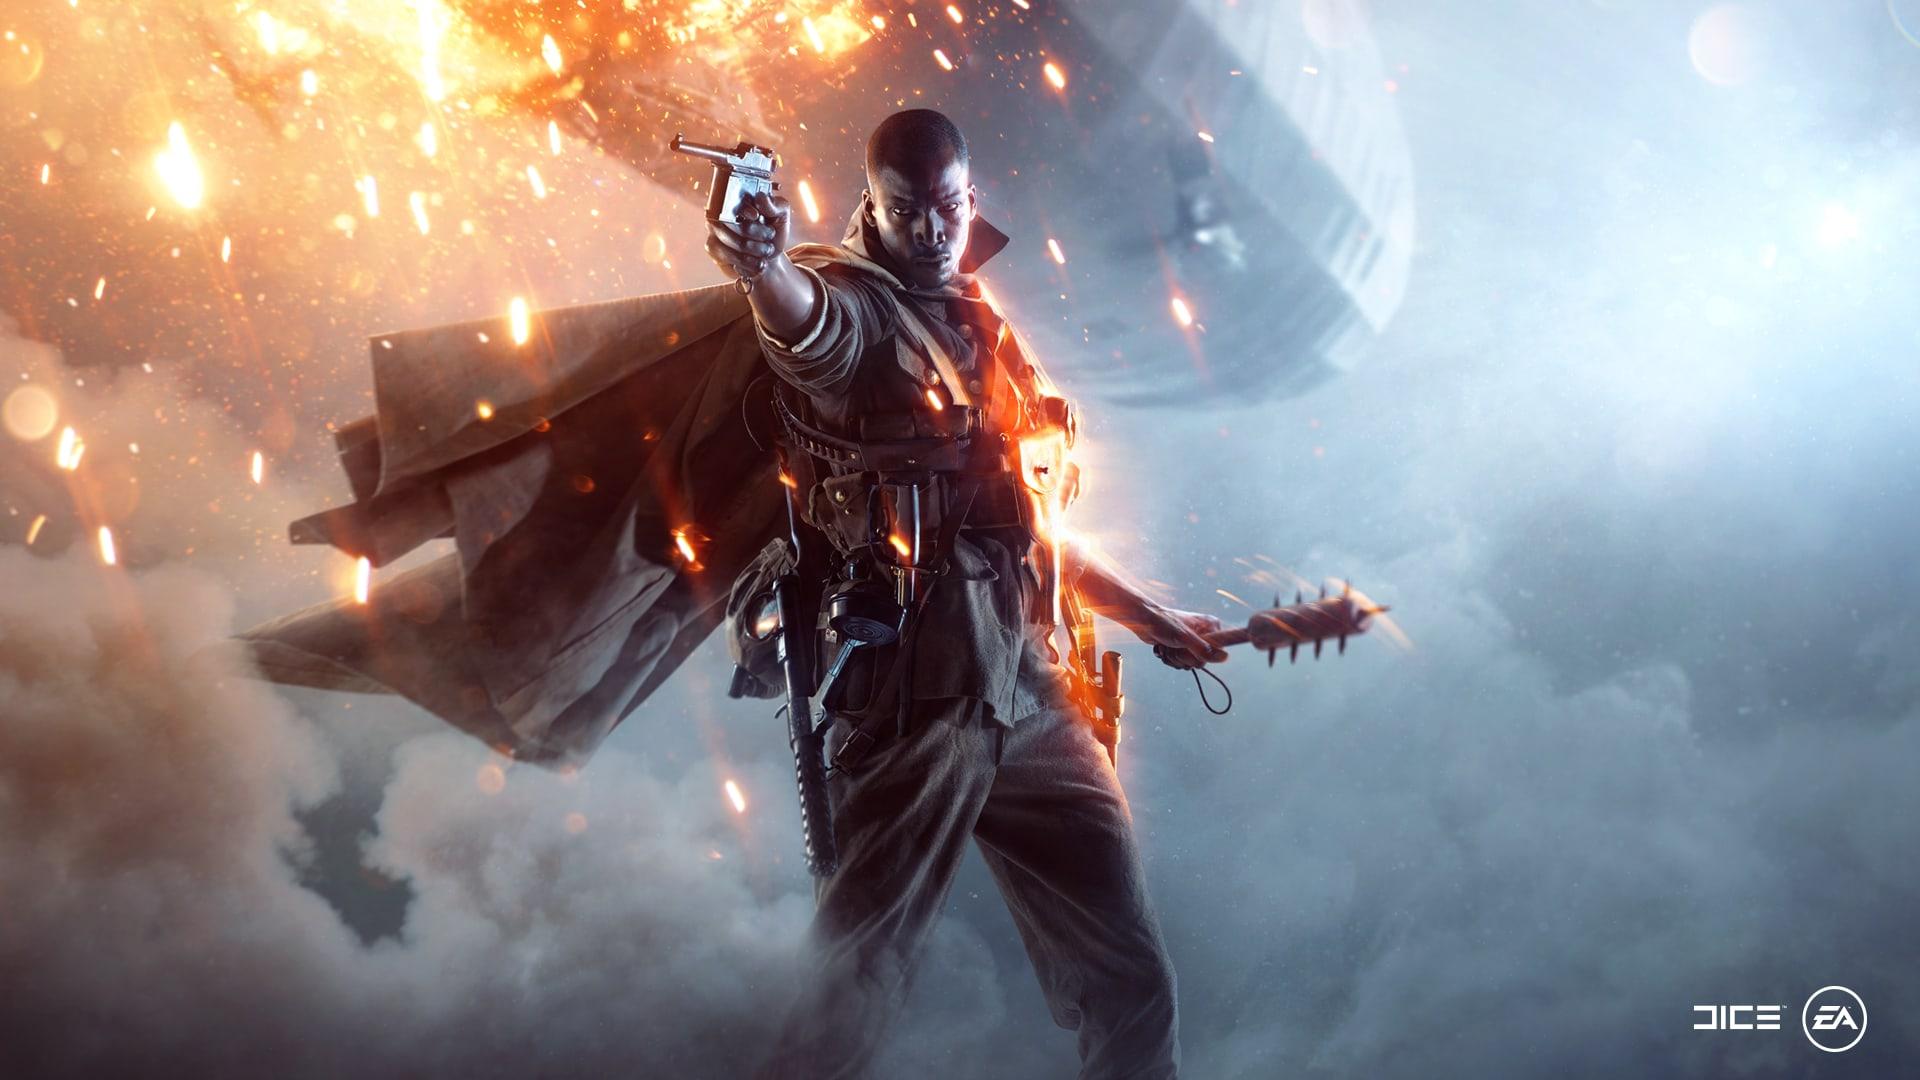 Battlefield 1 official reveal trailer 2016 world war 1 - 4 8